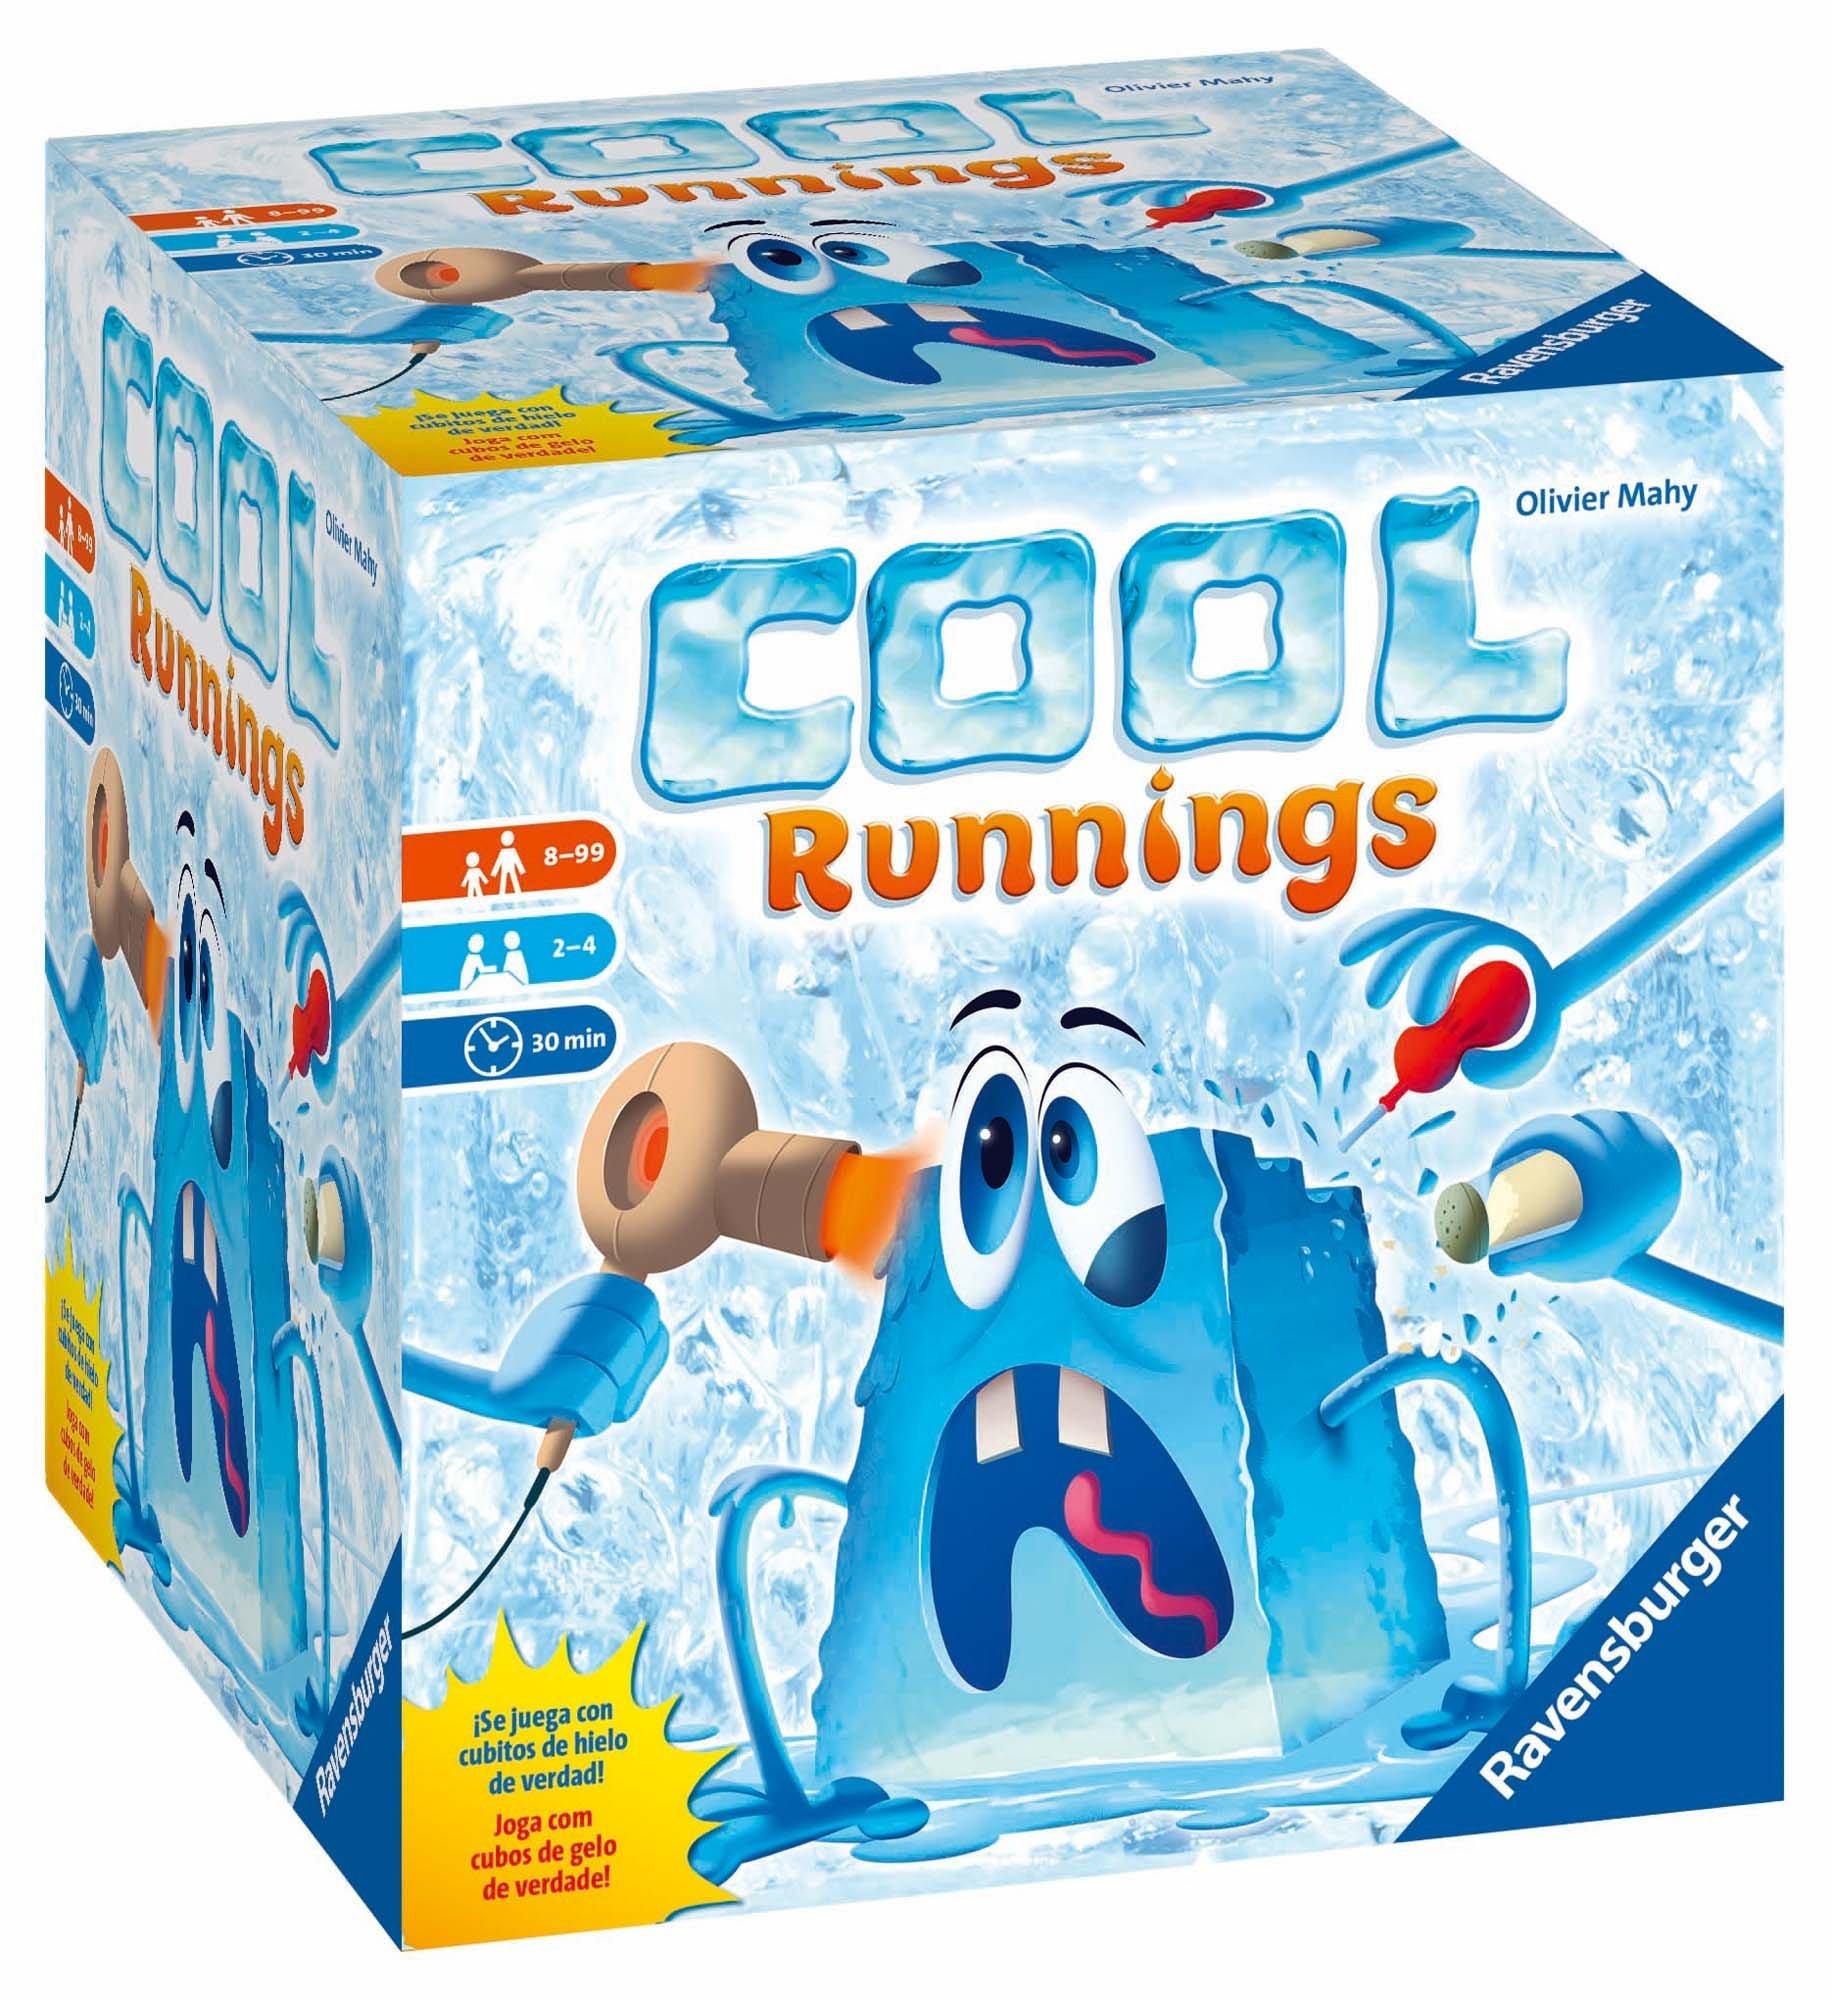 Ravensburger - Cool Running, juego de tablero, de 2 a 4 jugadores: Amazon.es: Juguetes y juegos